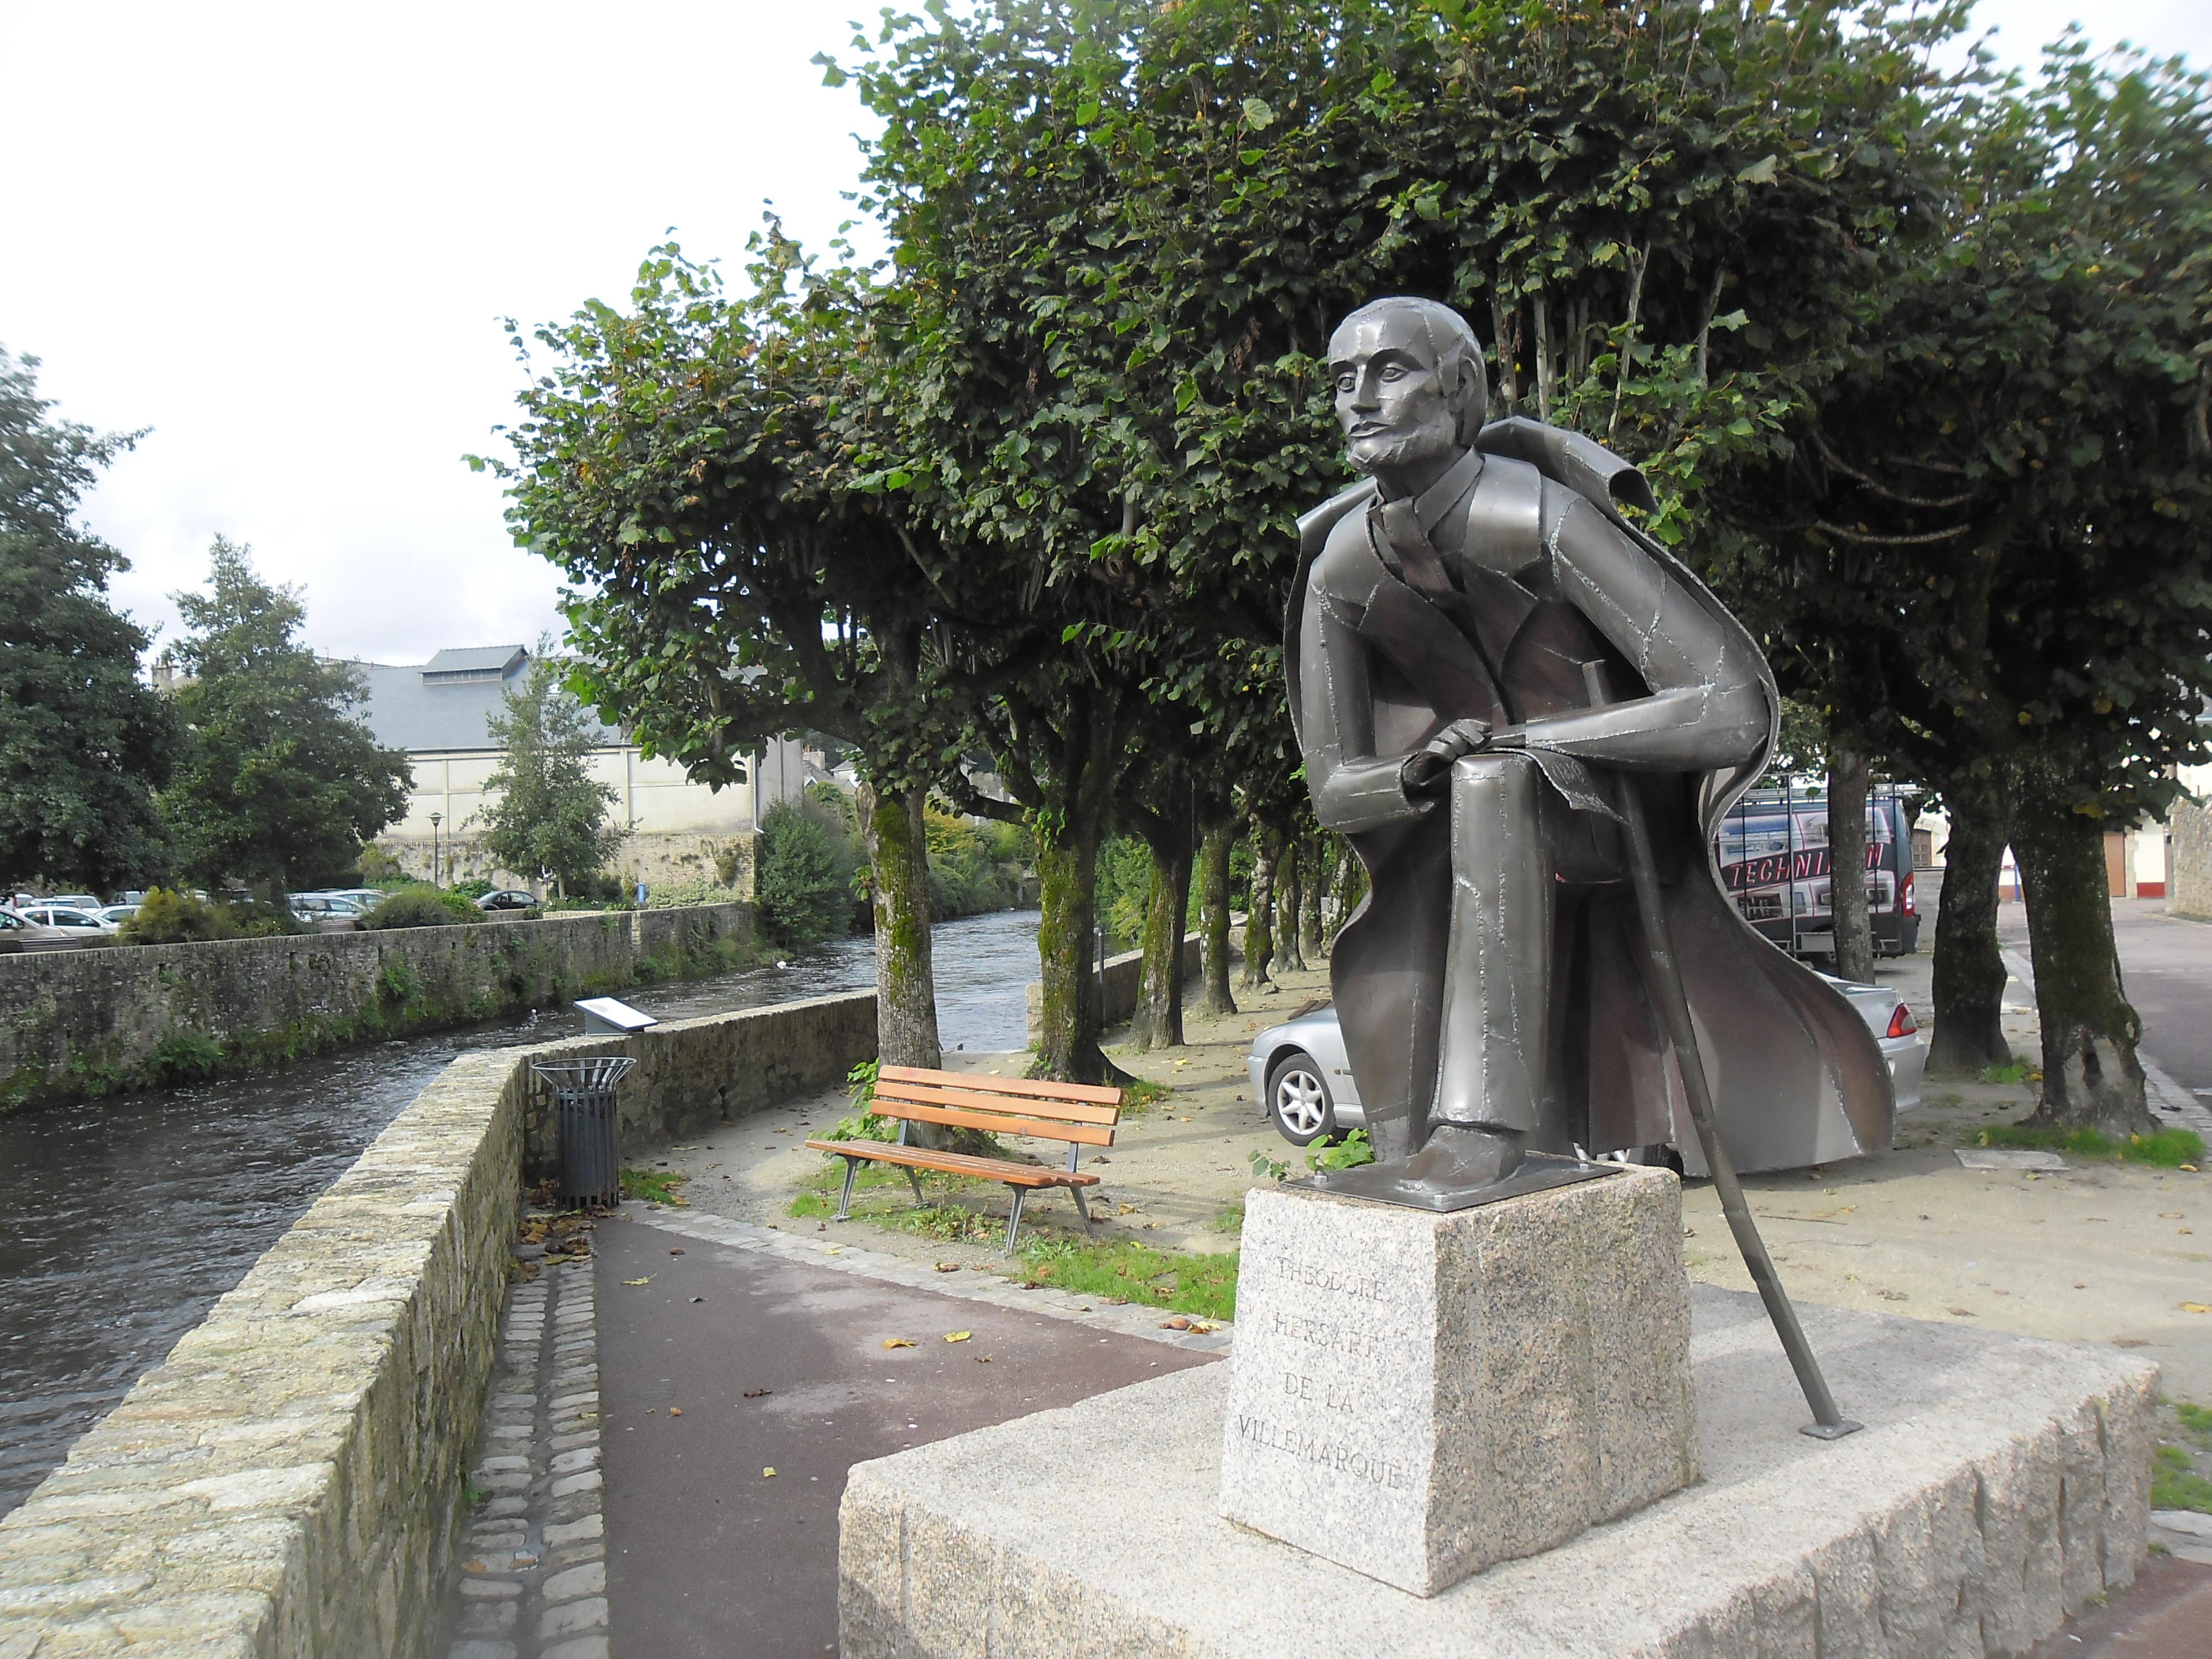 quimperle-river-statue-theodore-de-la-villemarquie-wrote-barzas-breiz-river-laita-oct12